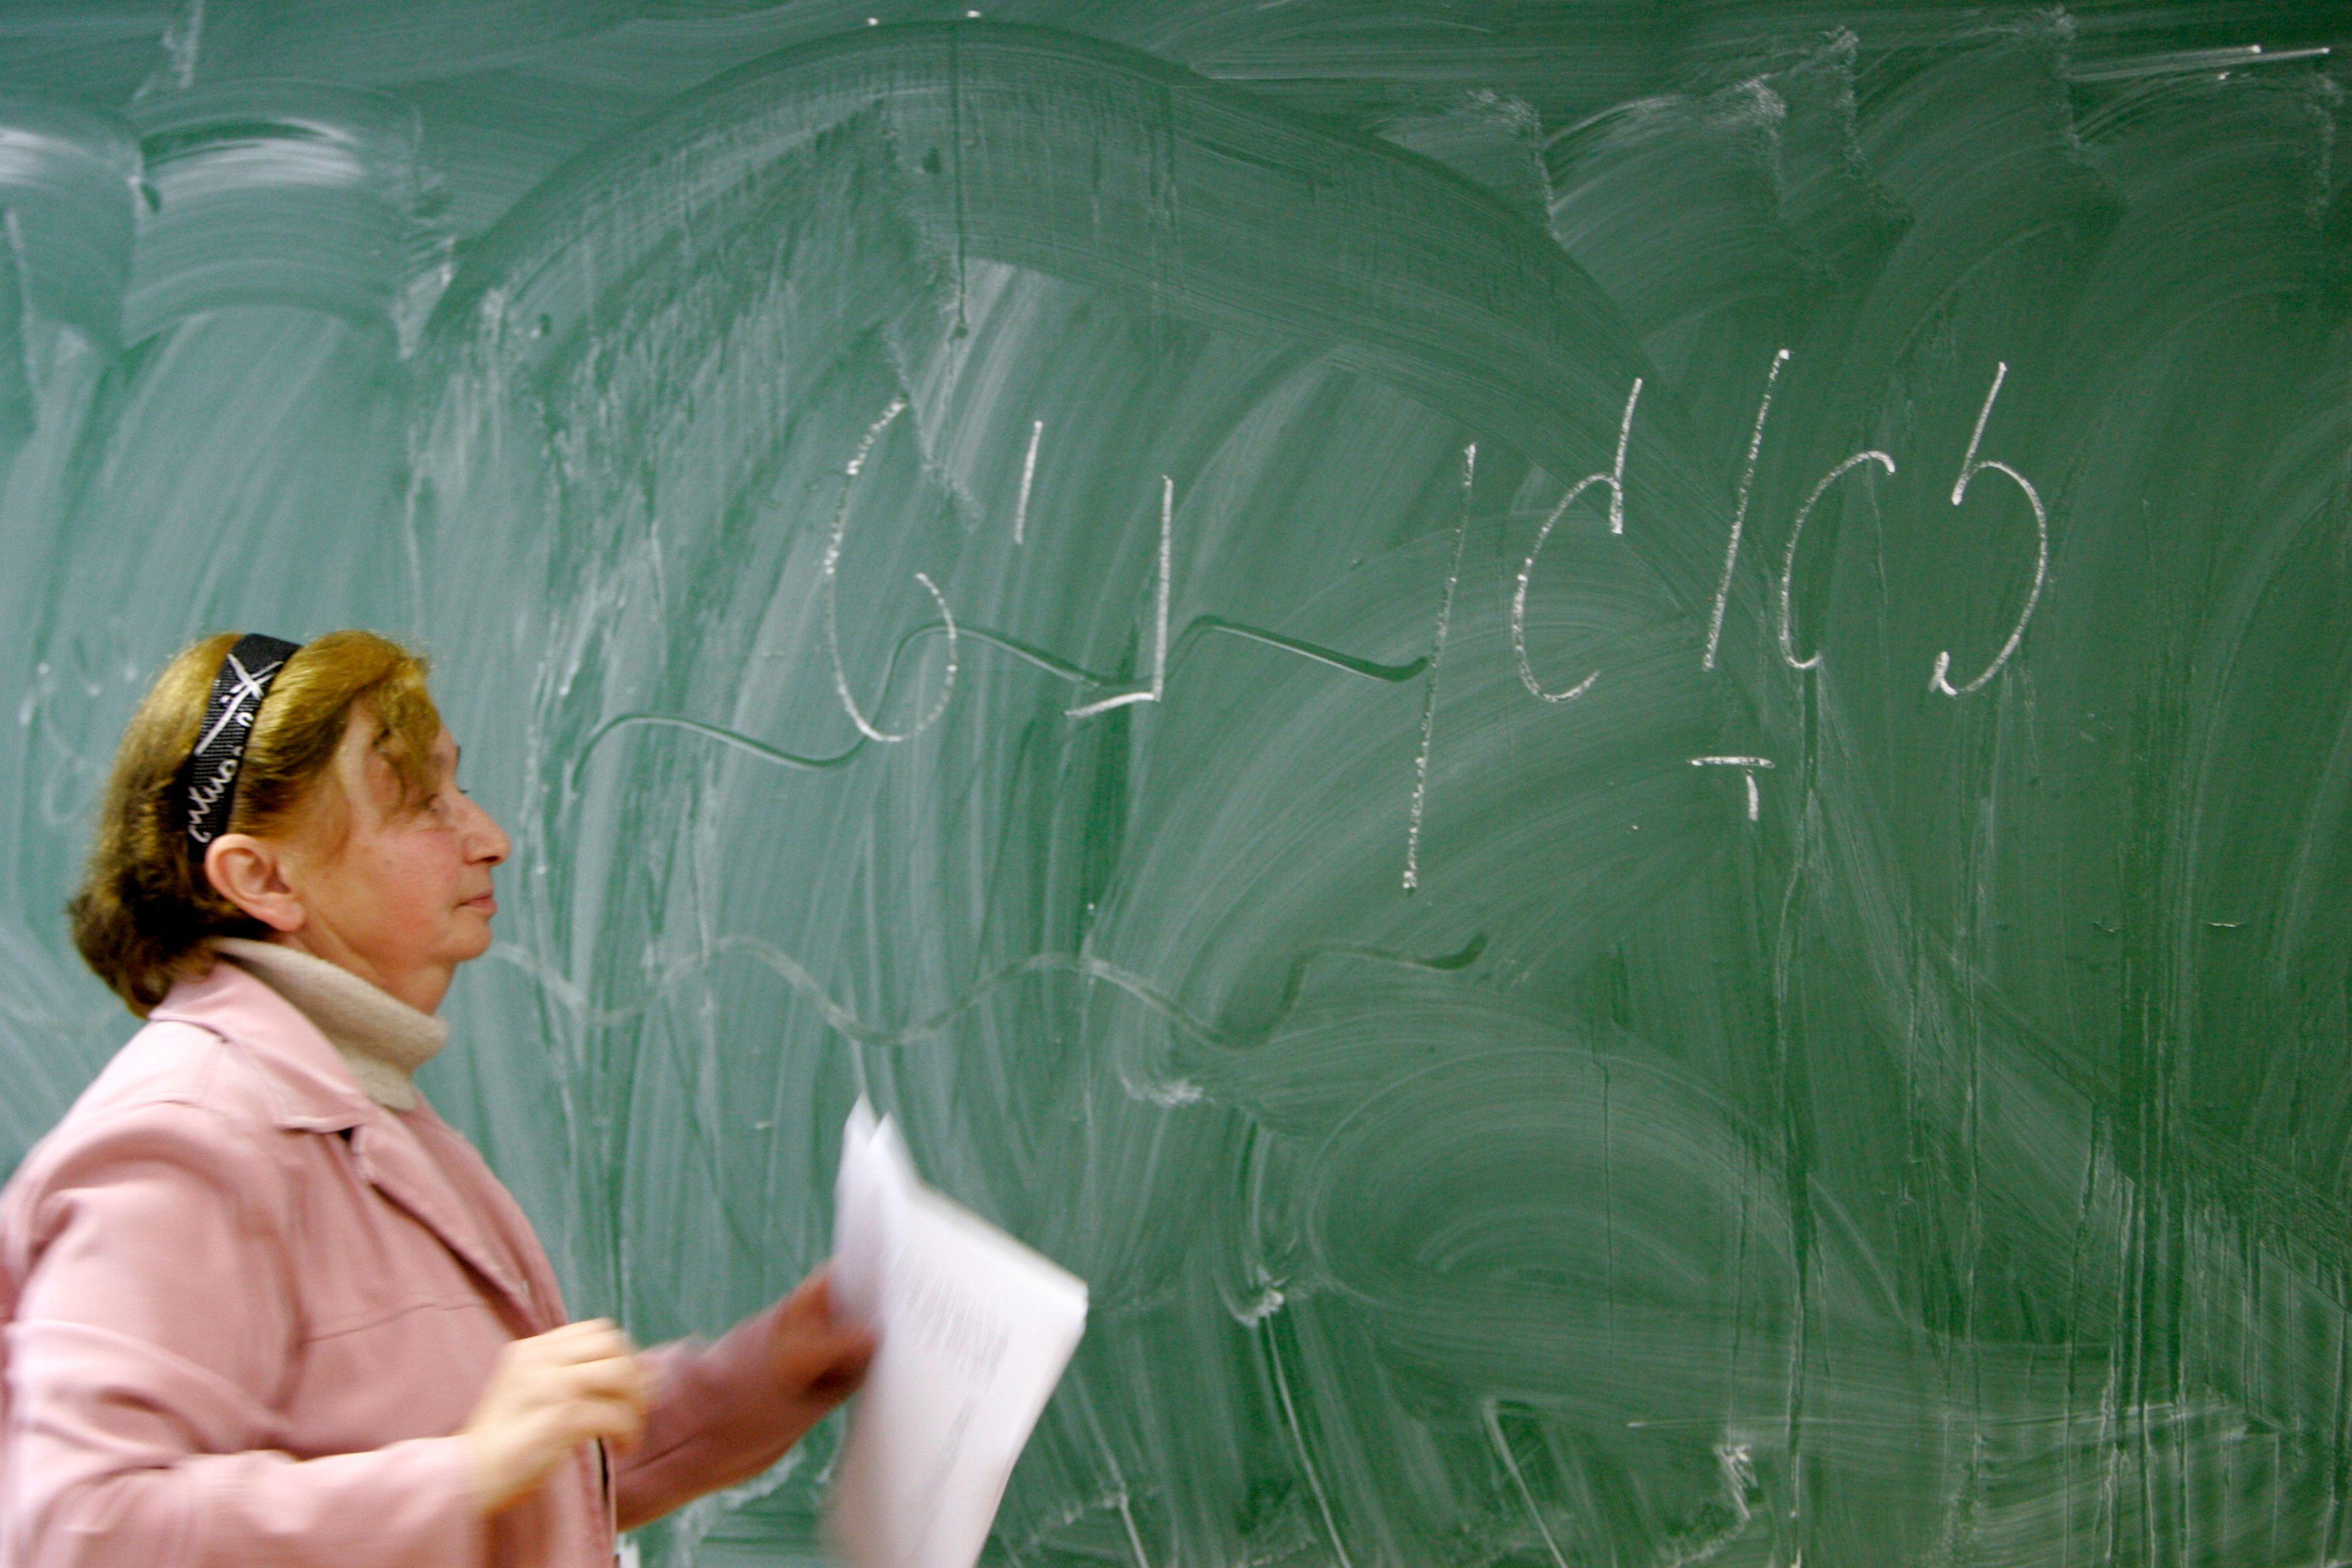 Pourquoi l'absence de légitimité du professeur l'empêche de mener à bien sa mission